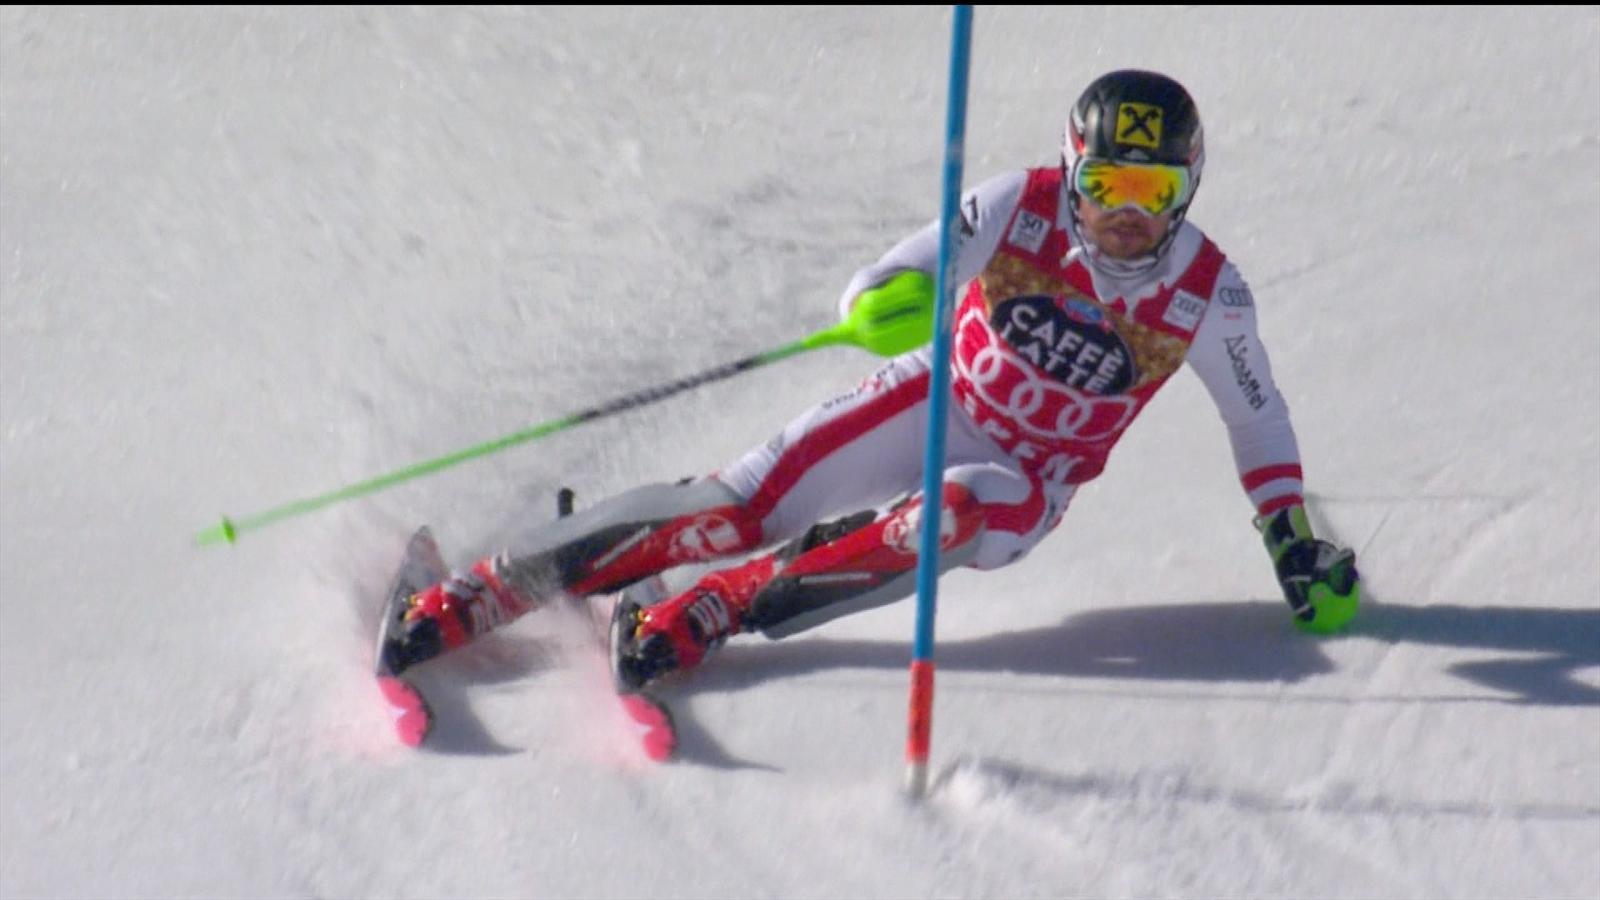 VIDEO - Ski Alpin - Slalom in Aspen: Marcel Hirscher fährt zur Bestzeit im ersten Durchgang ...